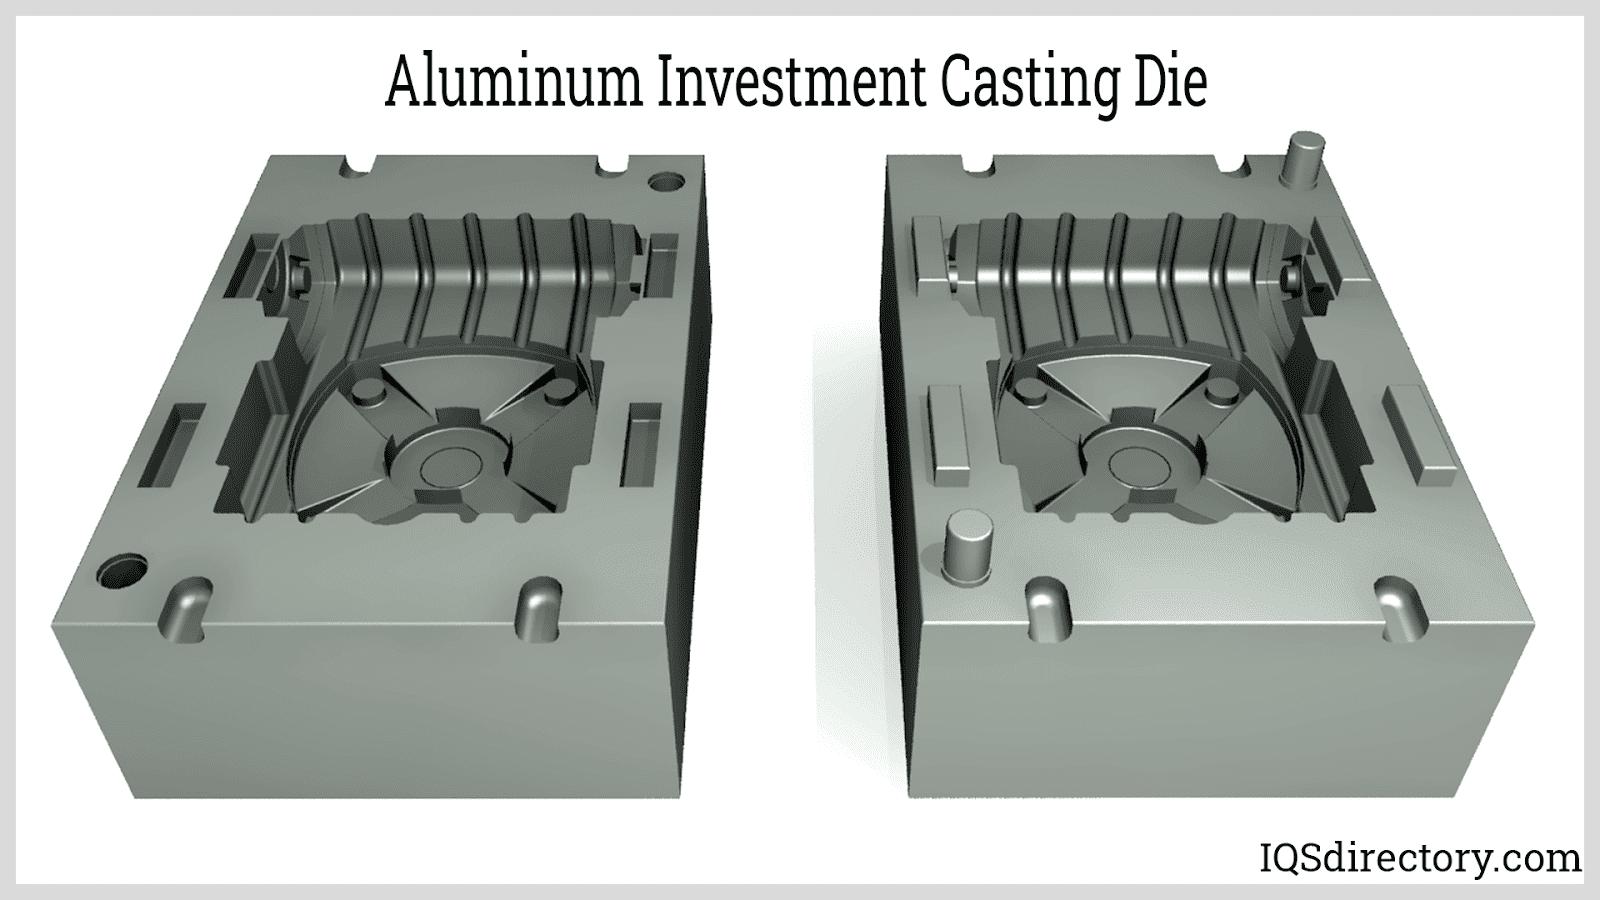 Aluminum Investment Casting Die